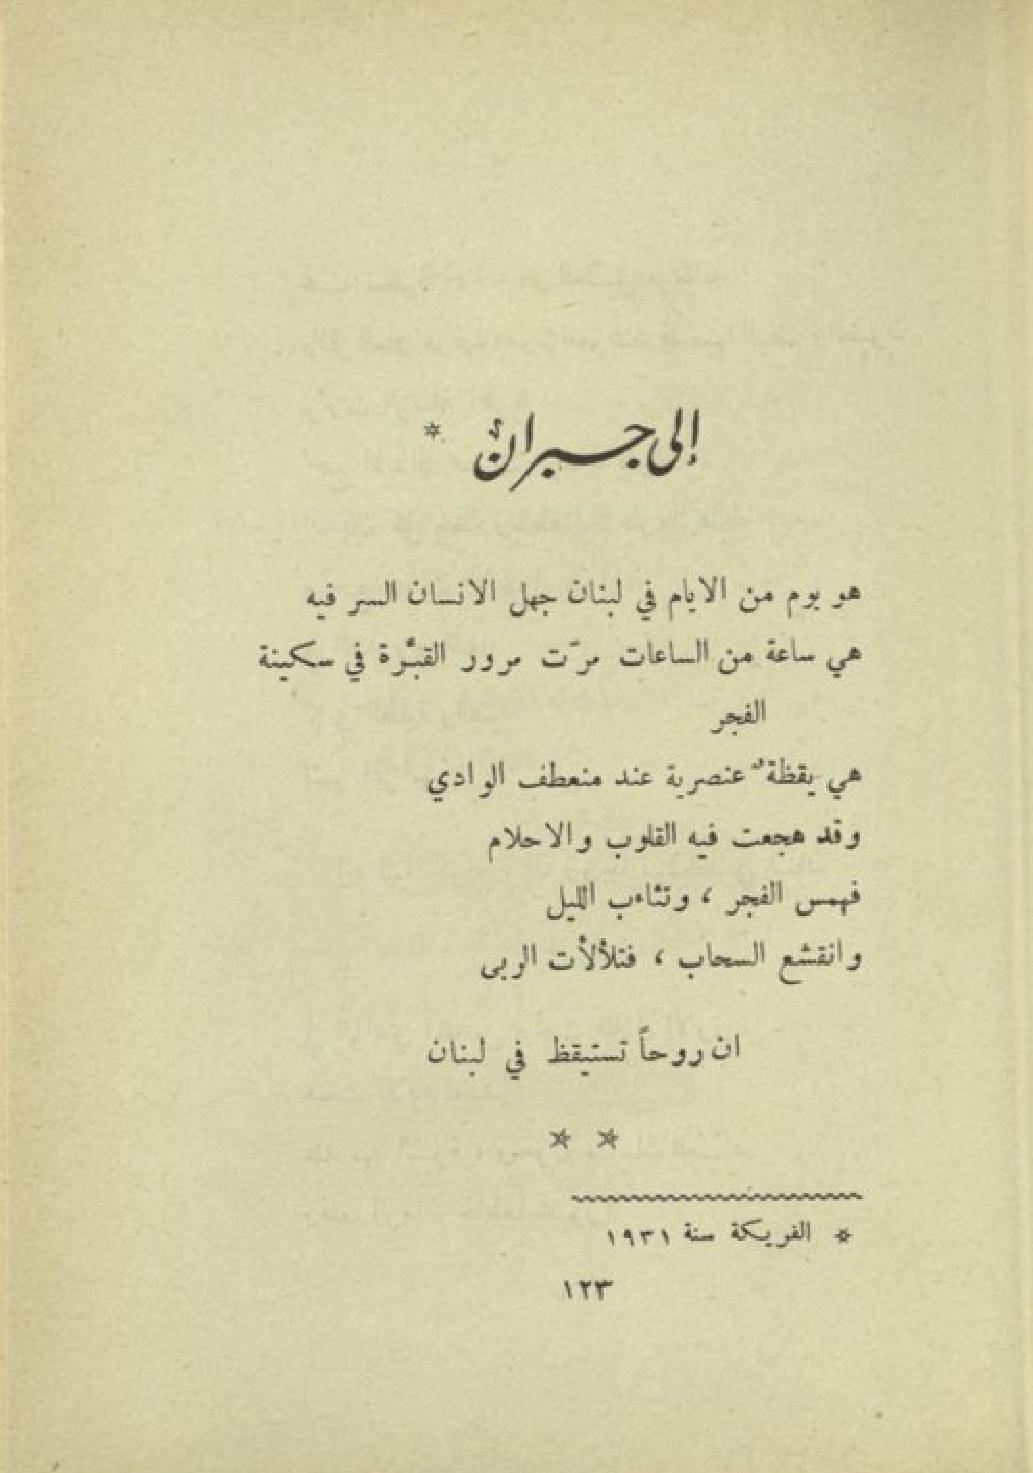 Ameen Rihani [Amīn Fāris al-Rīḥānī], Ilà Jubrān [To Gibran], Hutāf al-awdiyah: shiʻr manthūr [Hymn of the Valleys: Prose Poems], Bayrūt: Dār al-Rīḥānī lil-Ṭibāʻah wa-al-Nashr, 1955, pp. 123-136.